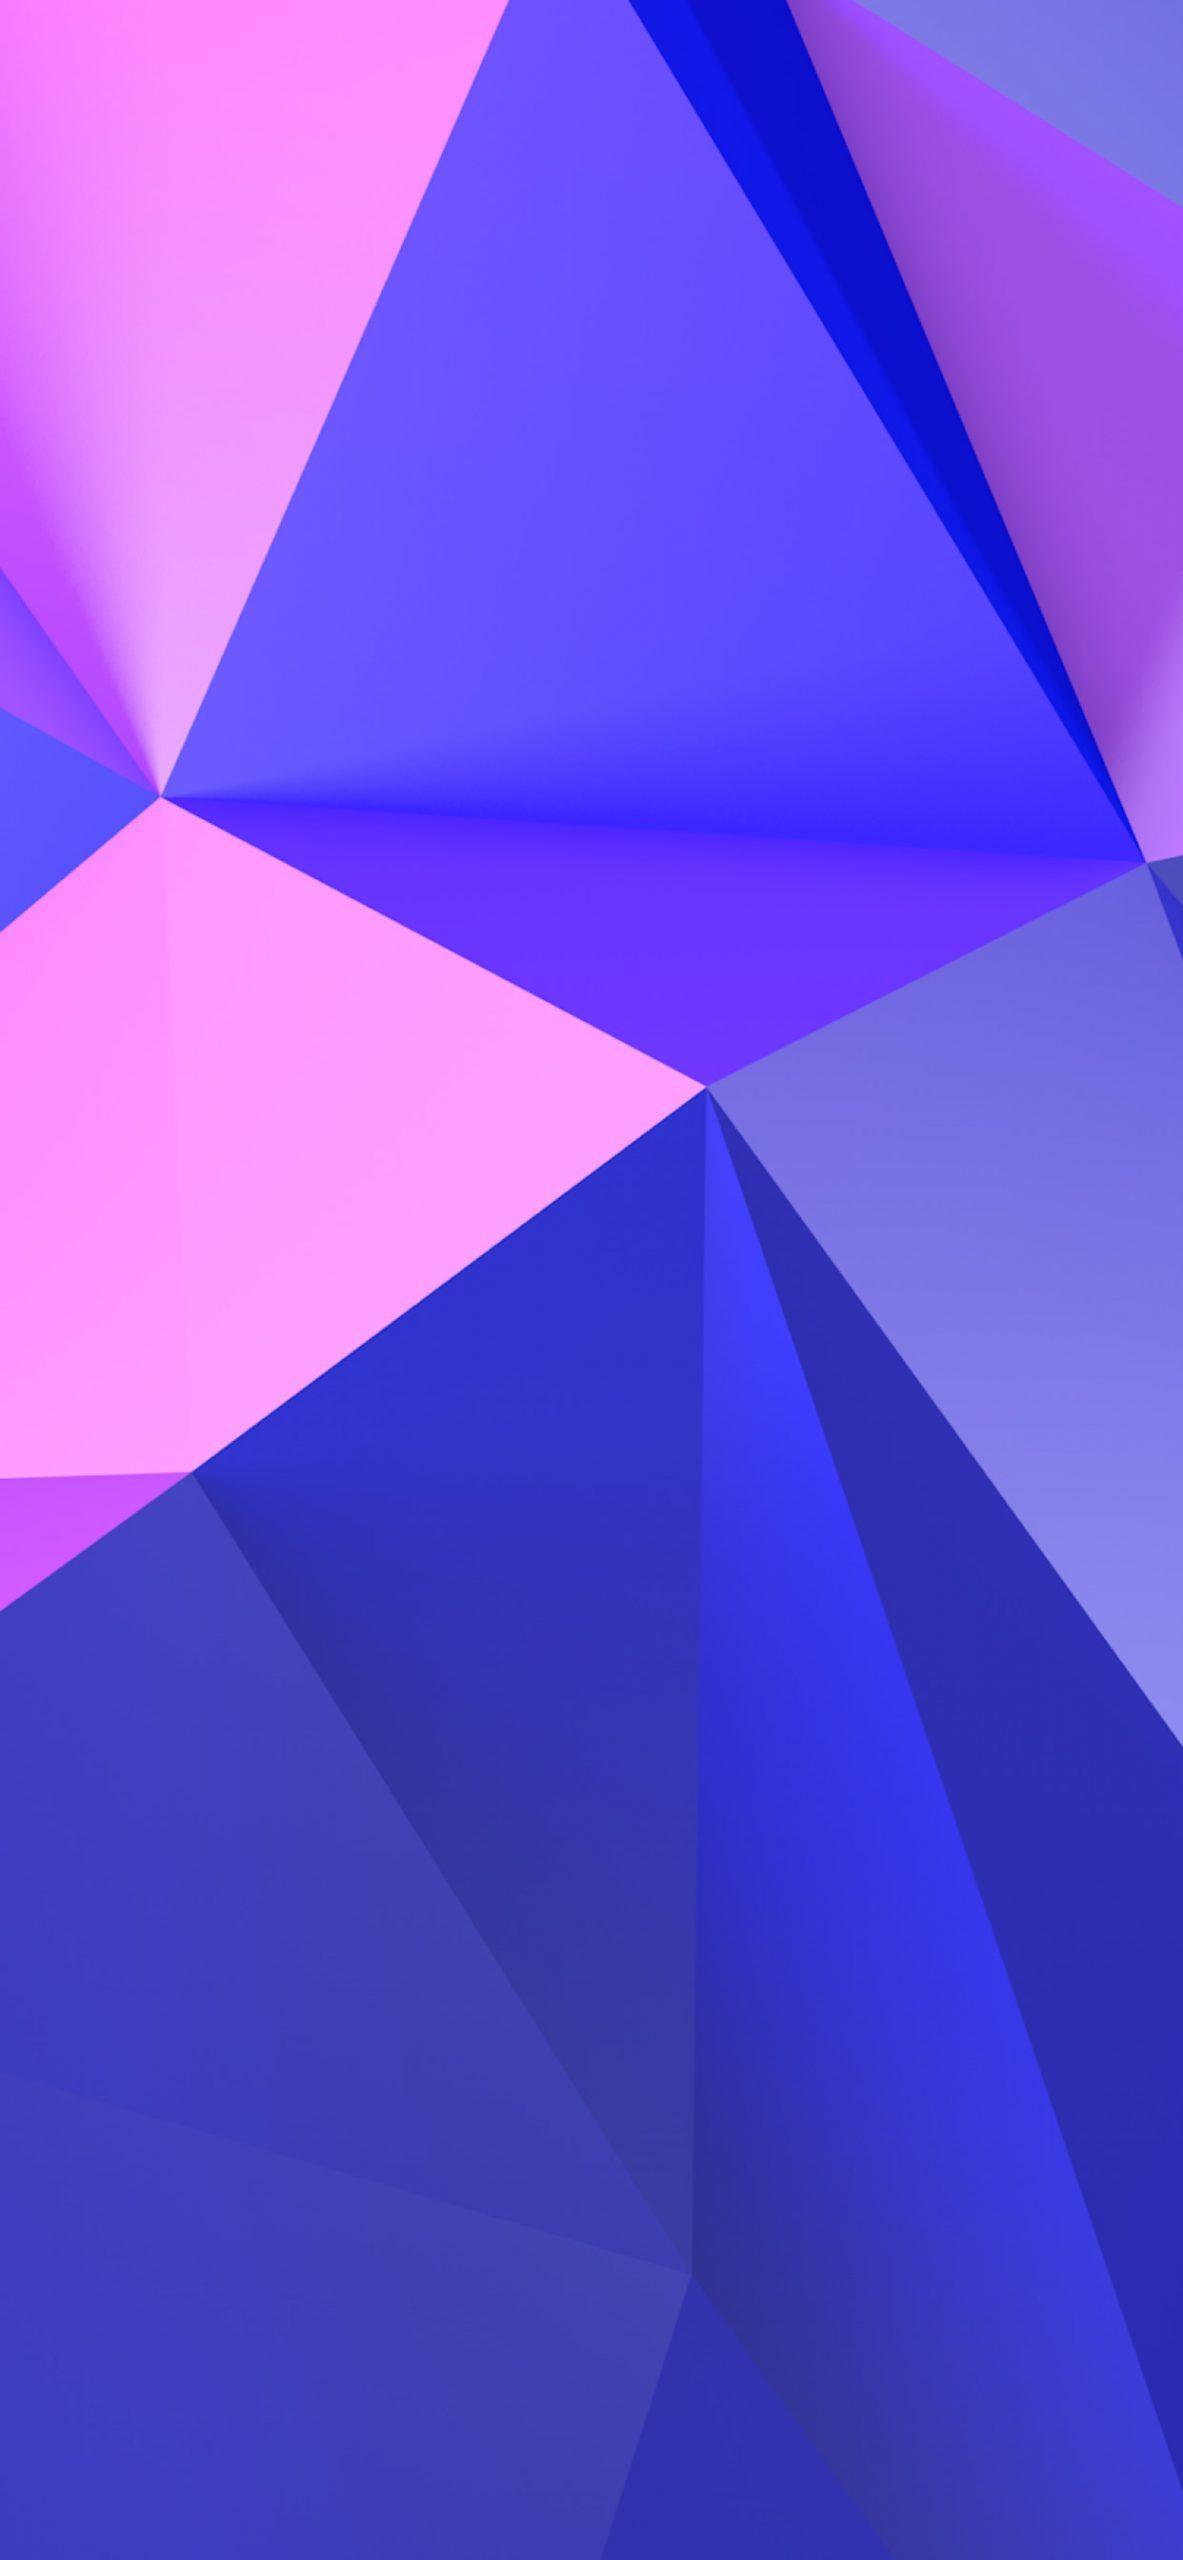 抽象的な紫の三角iphone Xs Max壁紙 1242 26 Iphoneチーズ